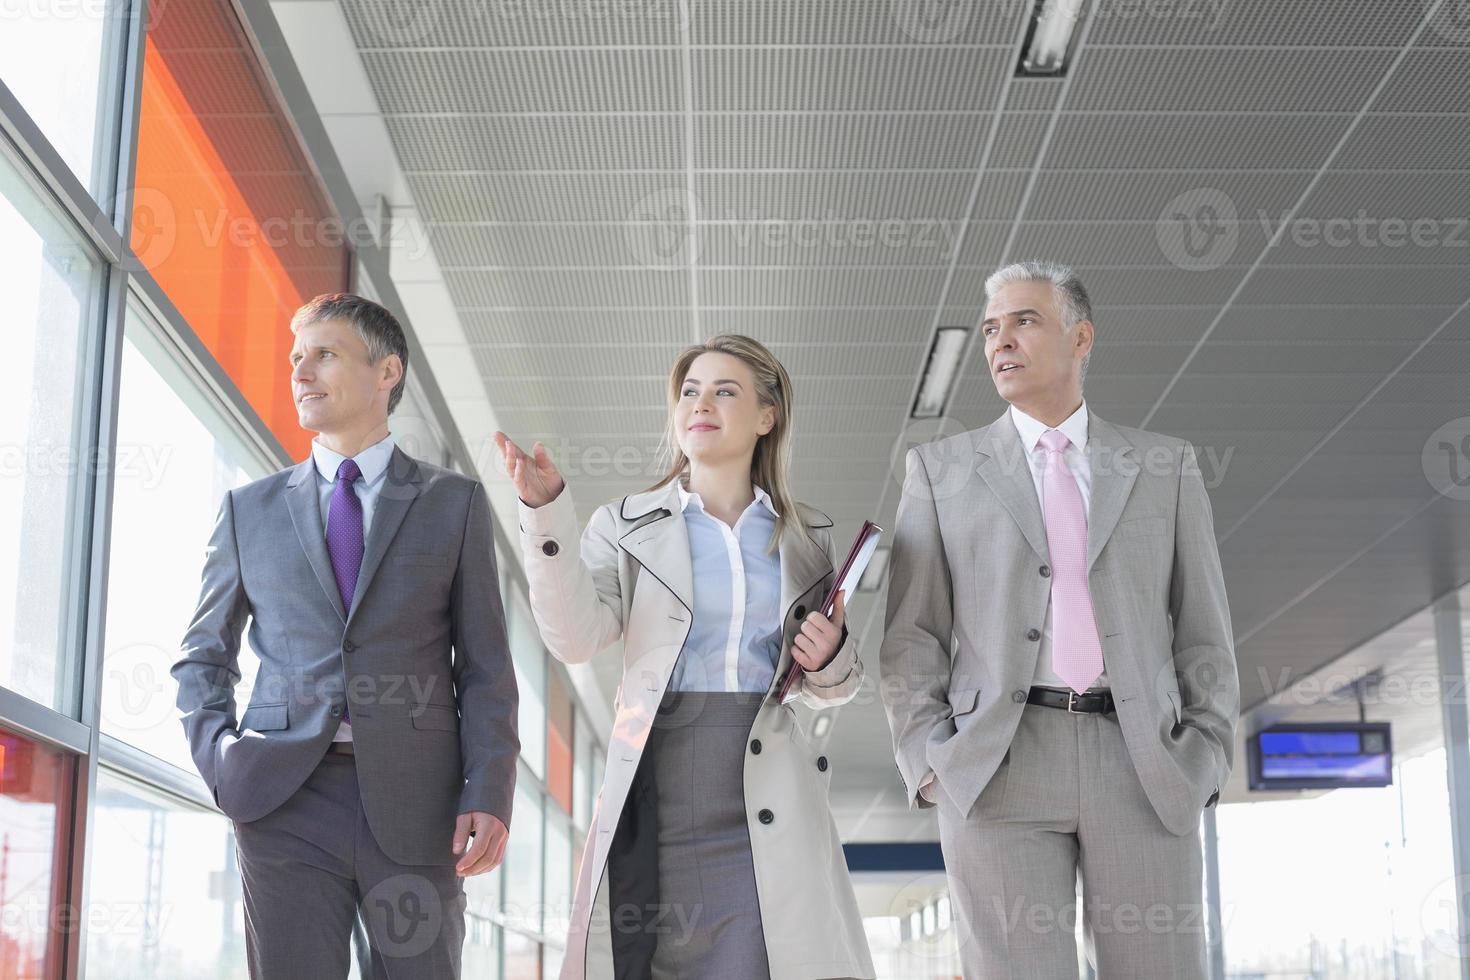 uomini d'affari discutendo mentre si cammina sulla piattaforma del treno foto